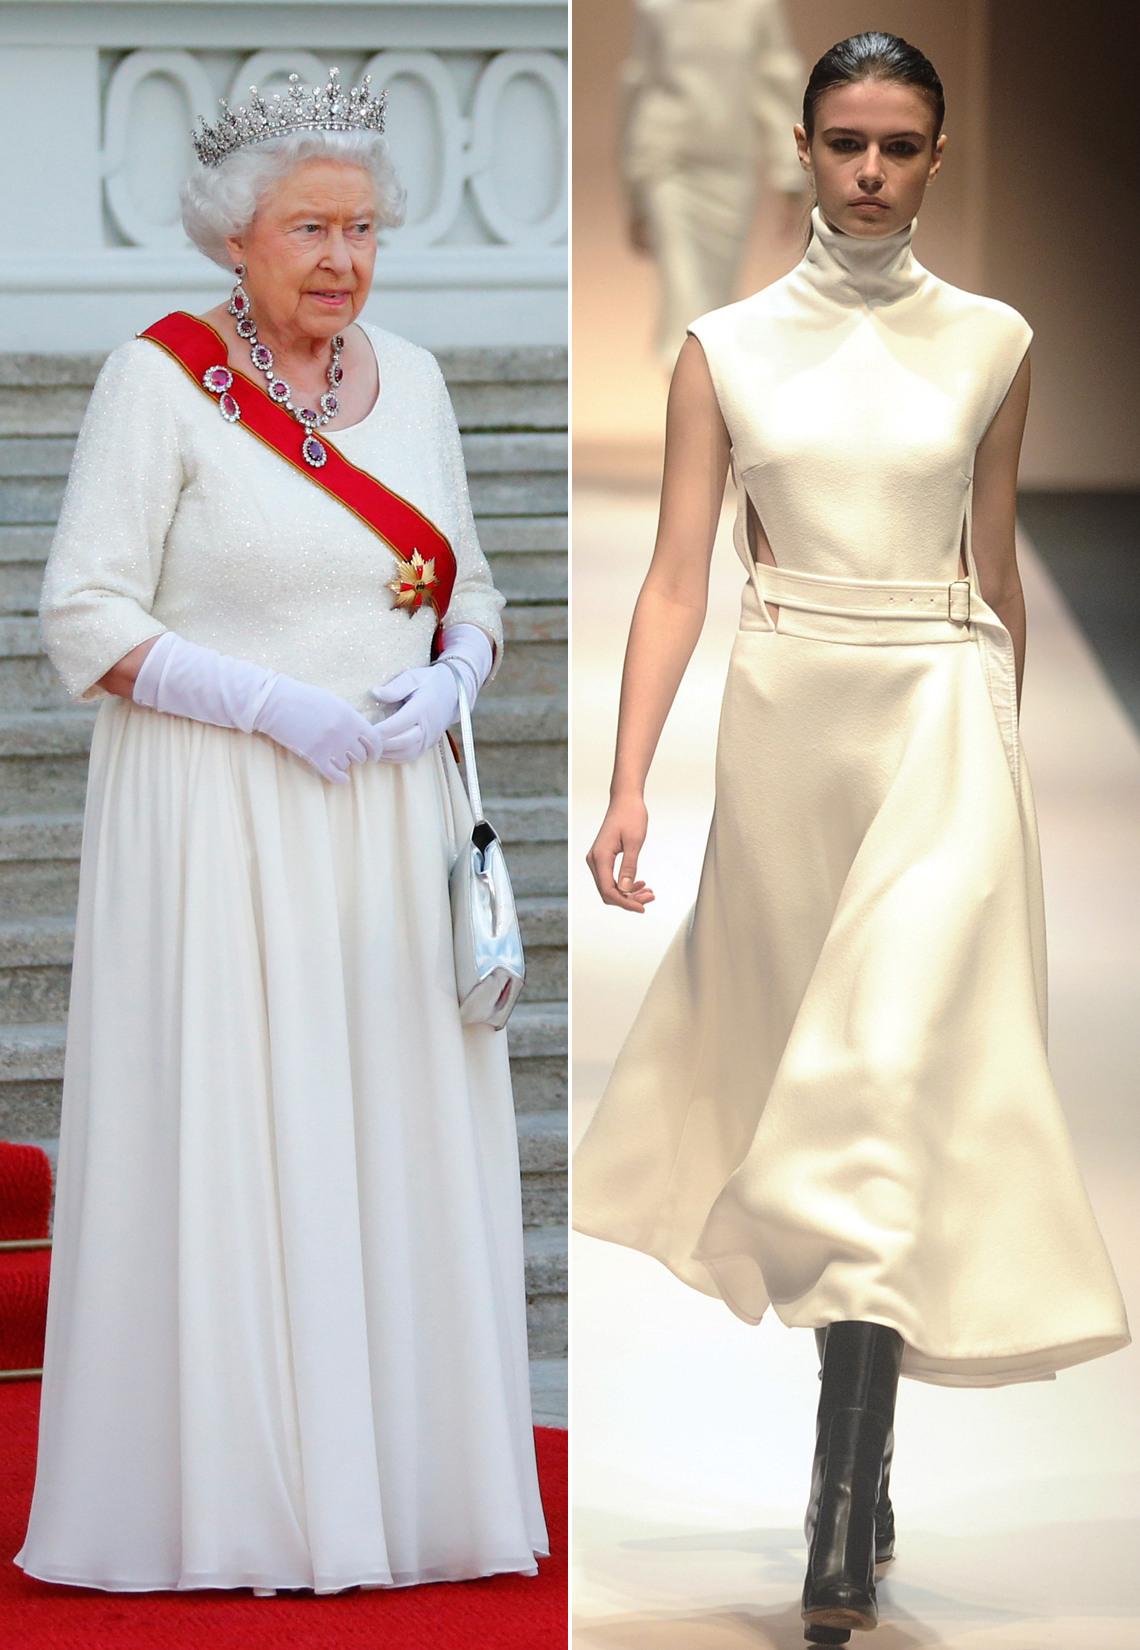 Spektakulär Abendkleider Queen Elizabeth Design15 Top Abendkleider Queen Elizabeth Galerie